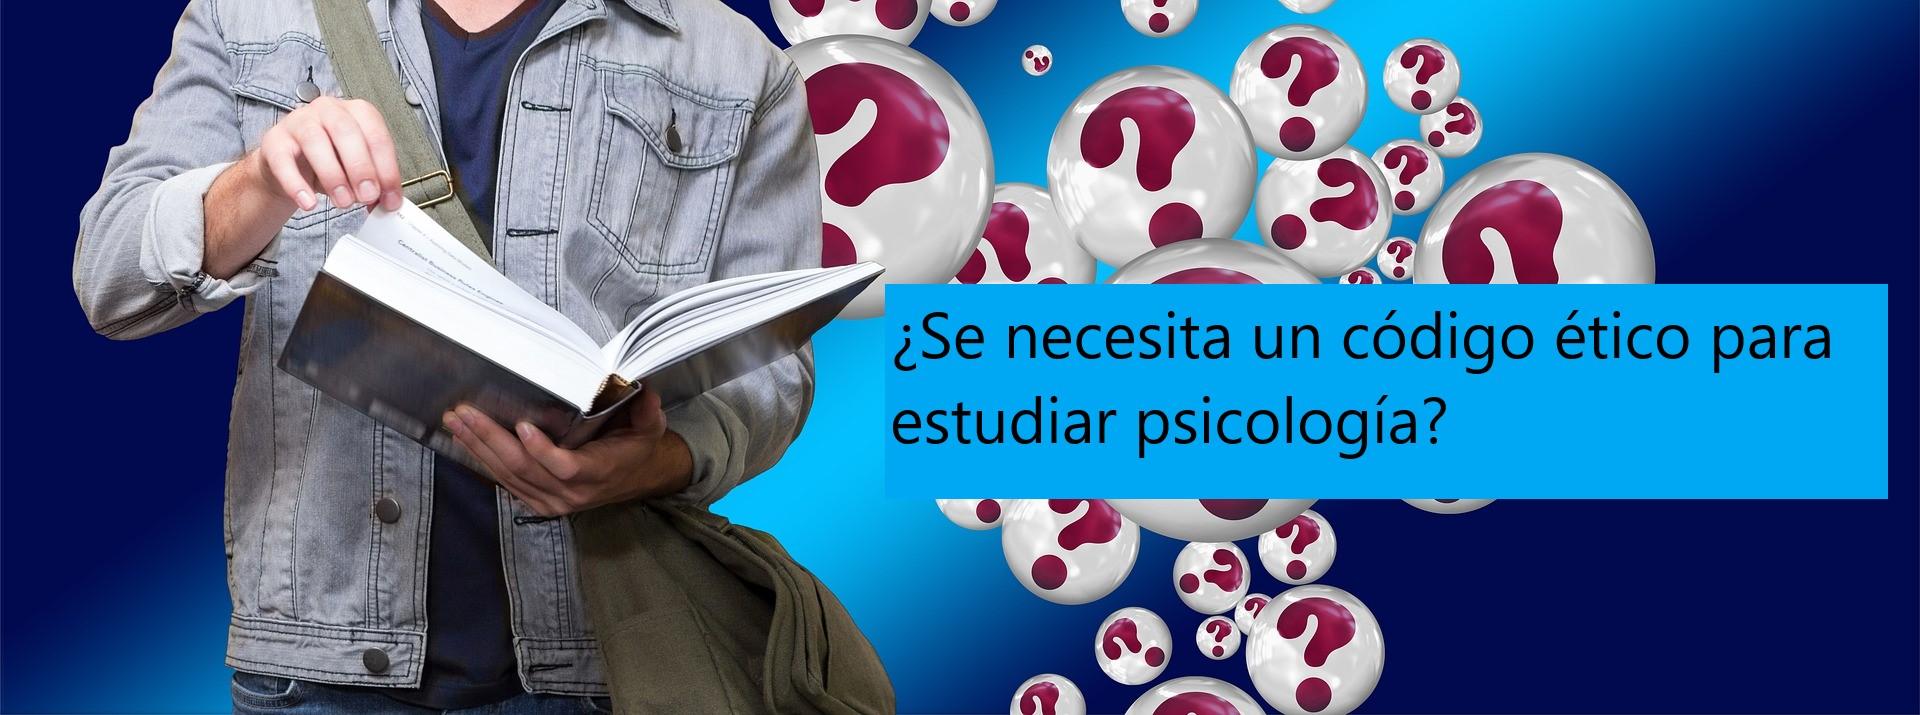 ¿Se necesita un código ético para estudiar psicología??